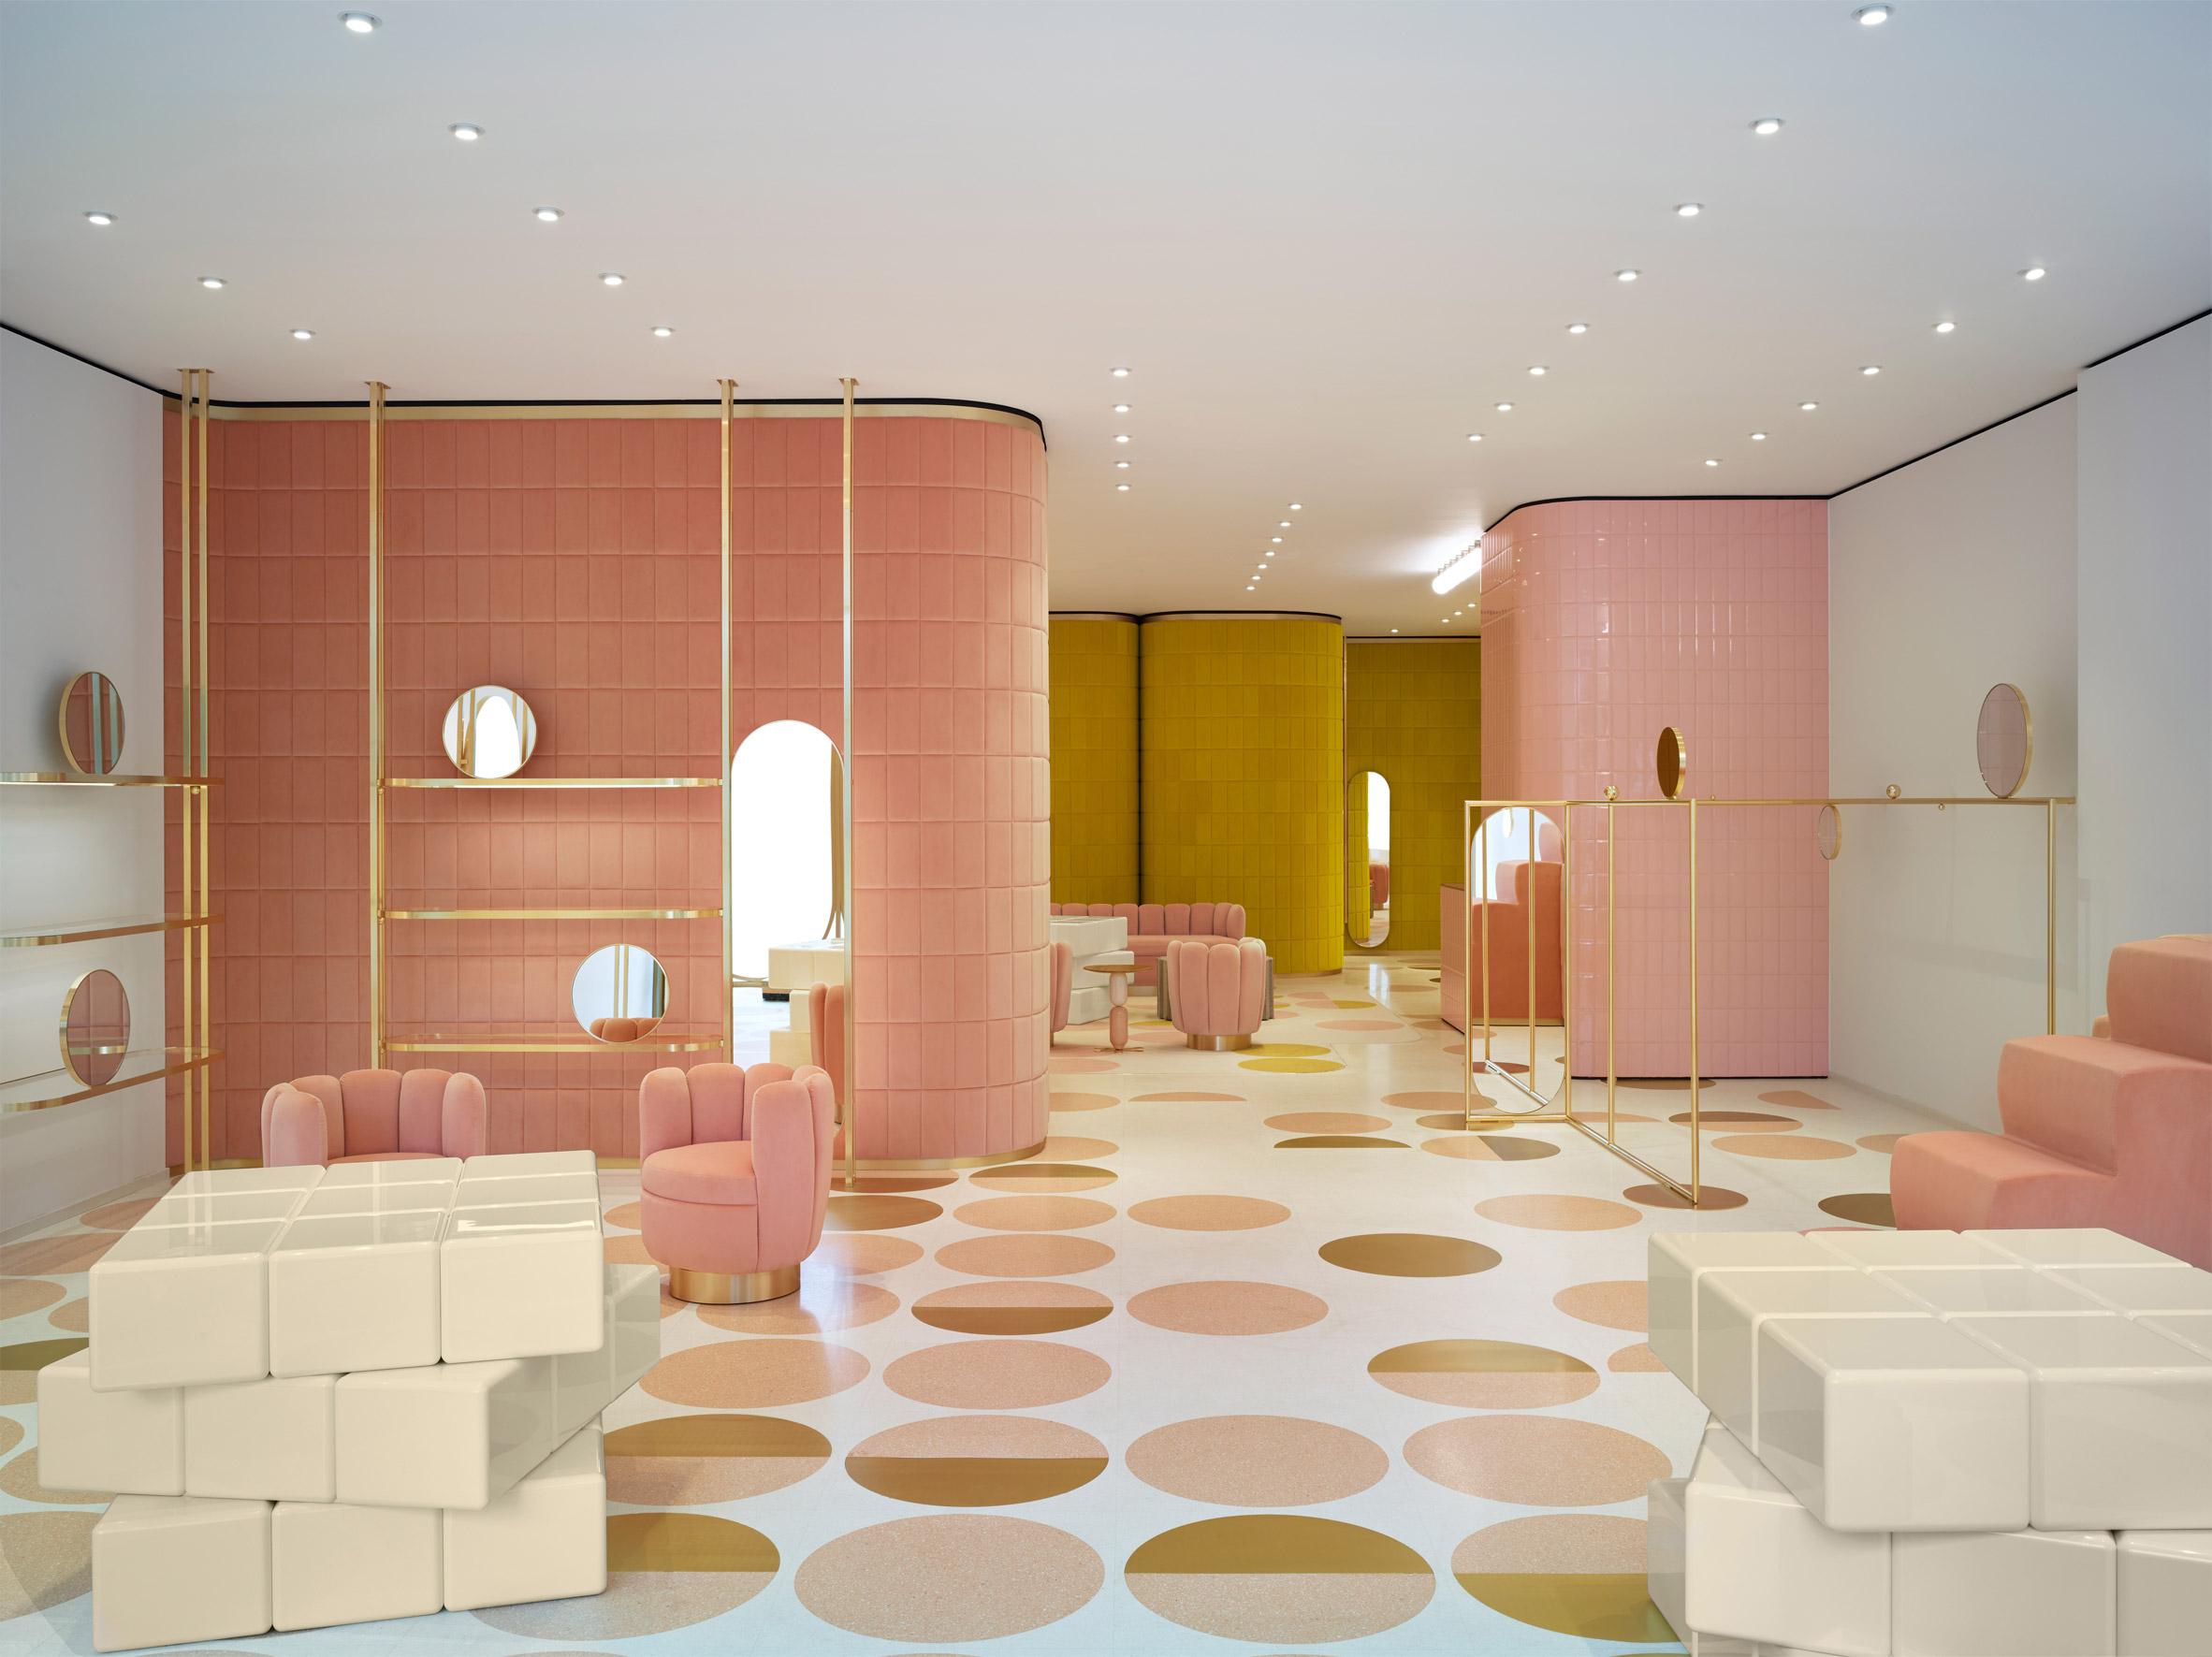 redvalentino-store-by-pierpaolo-piccioli-and-india-mahdavi-interior-design-london-_dezeen_2364_col_9